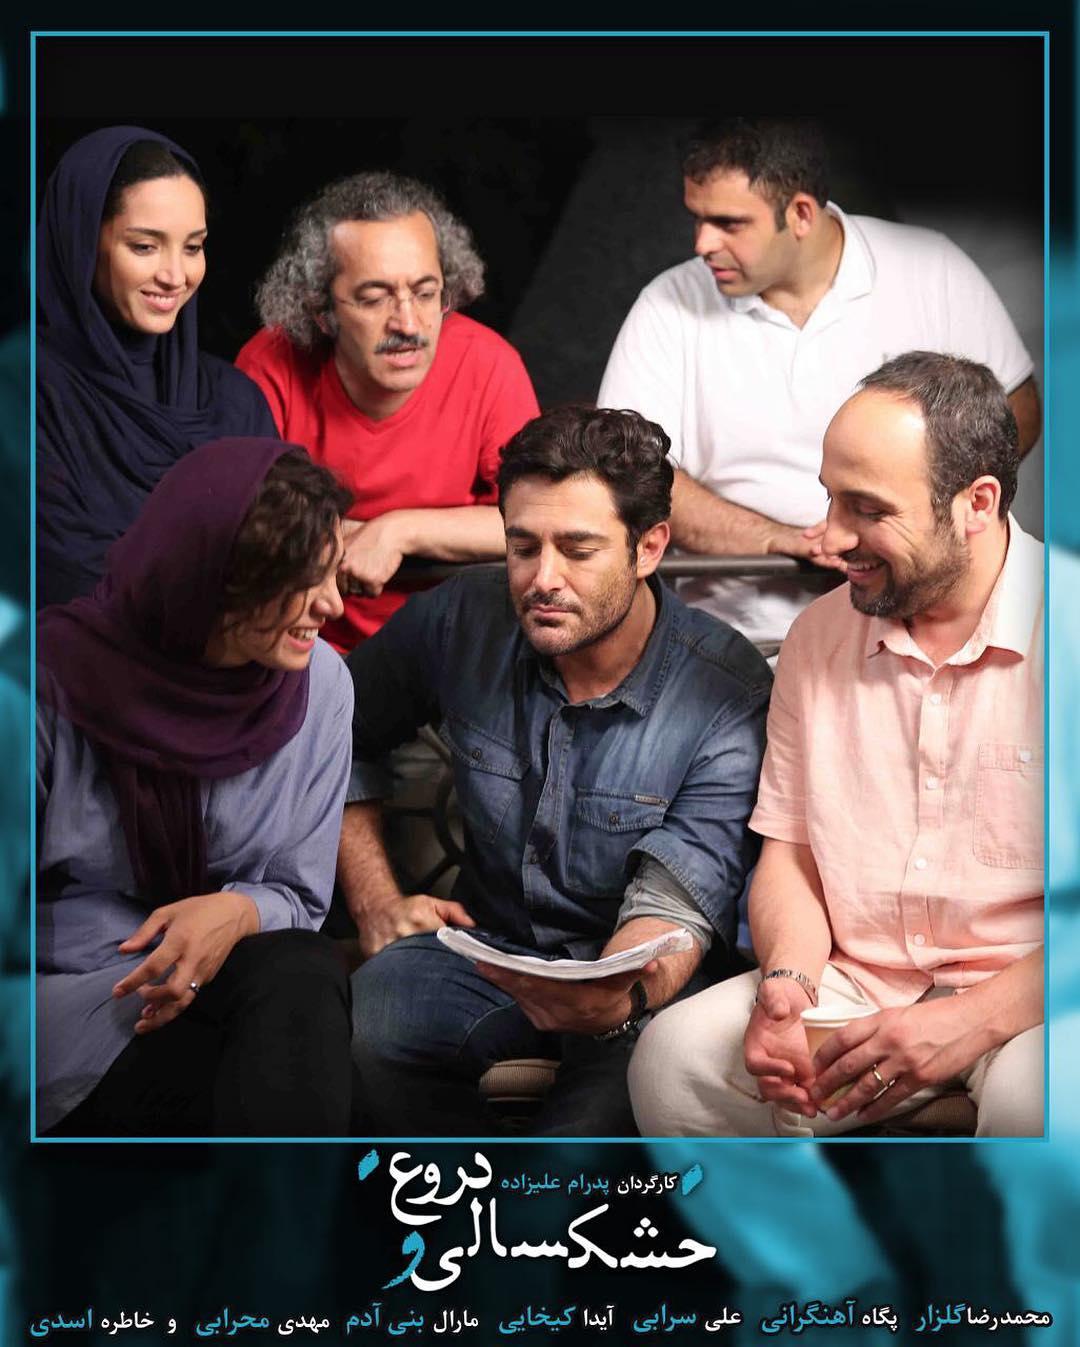 معرفی بازیگران فیلم «خشکسالی و دروغ» با بازی محمدرضا گلزار + عکسها